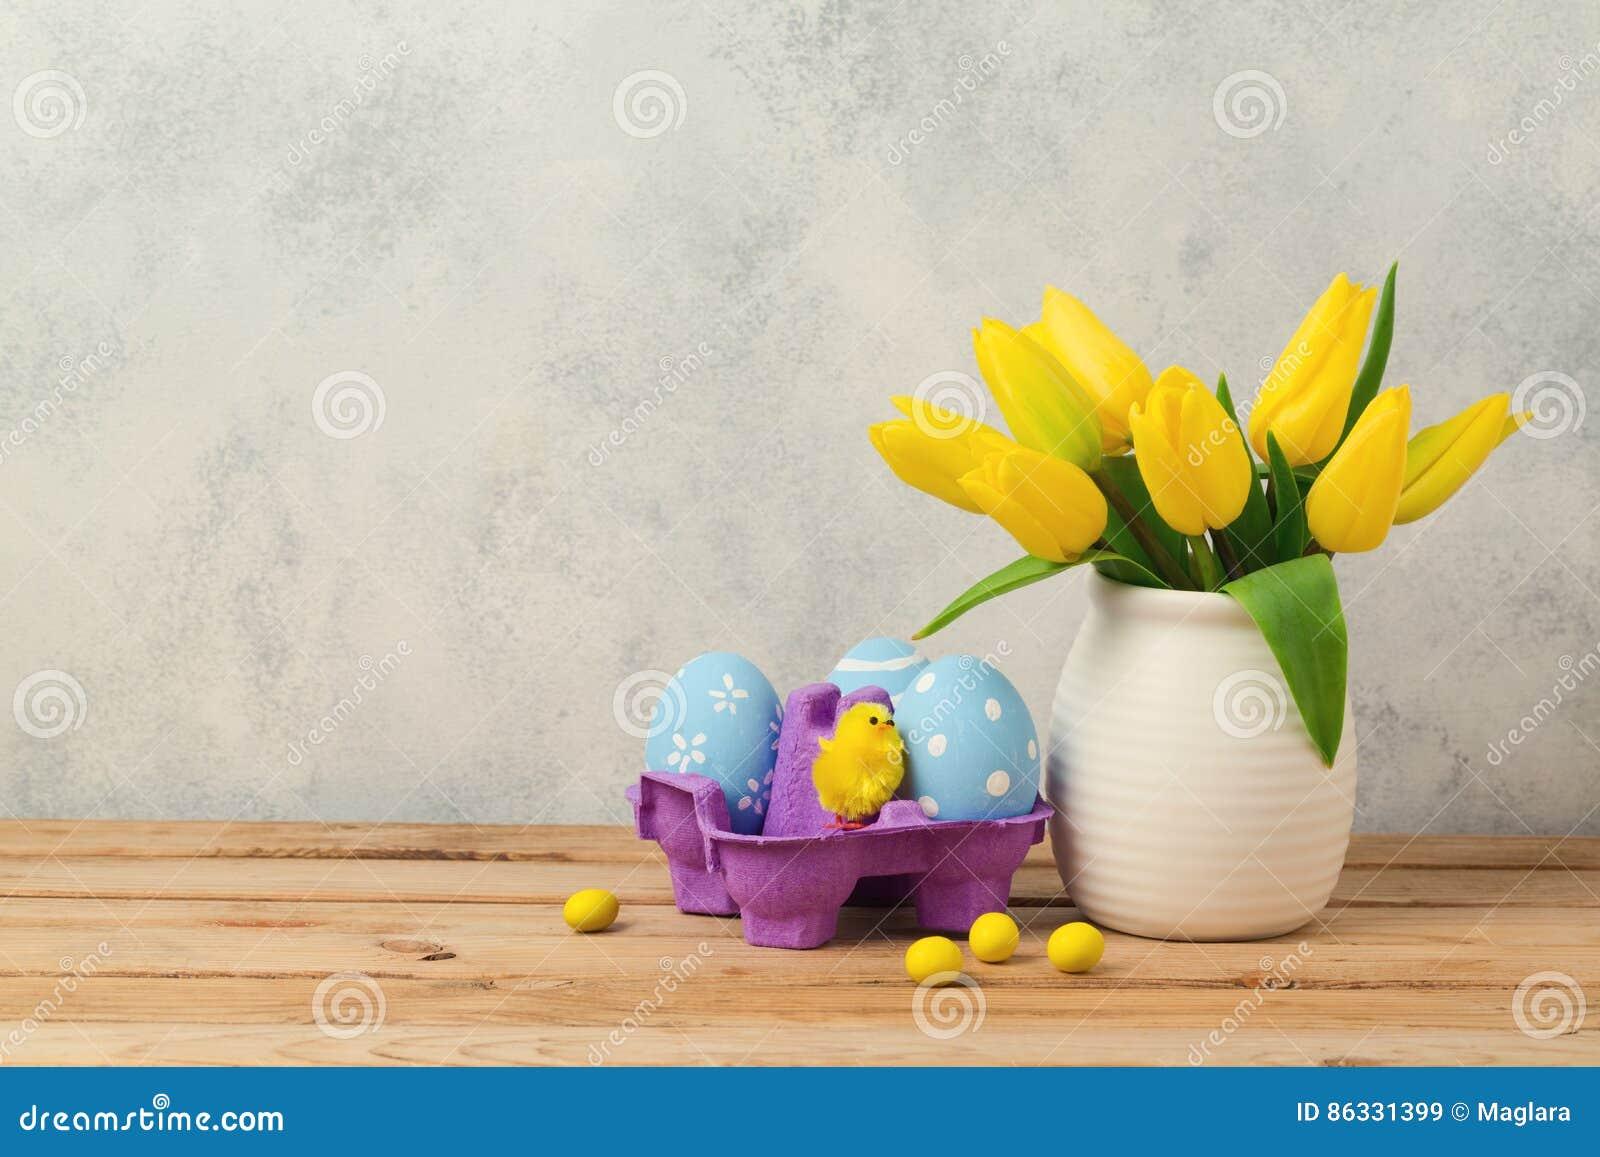 Έννοια διακοπών Πάσχας με τα λουλούδια και τα αυγά τουλιπών στον ξύλινο πίνακα